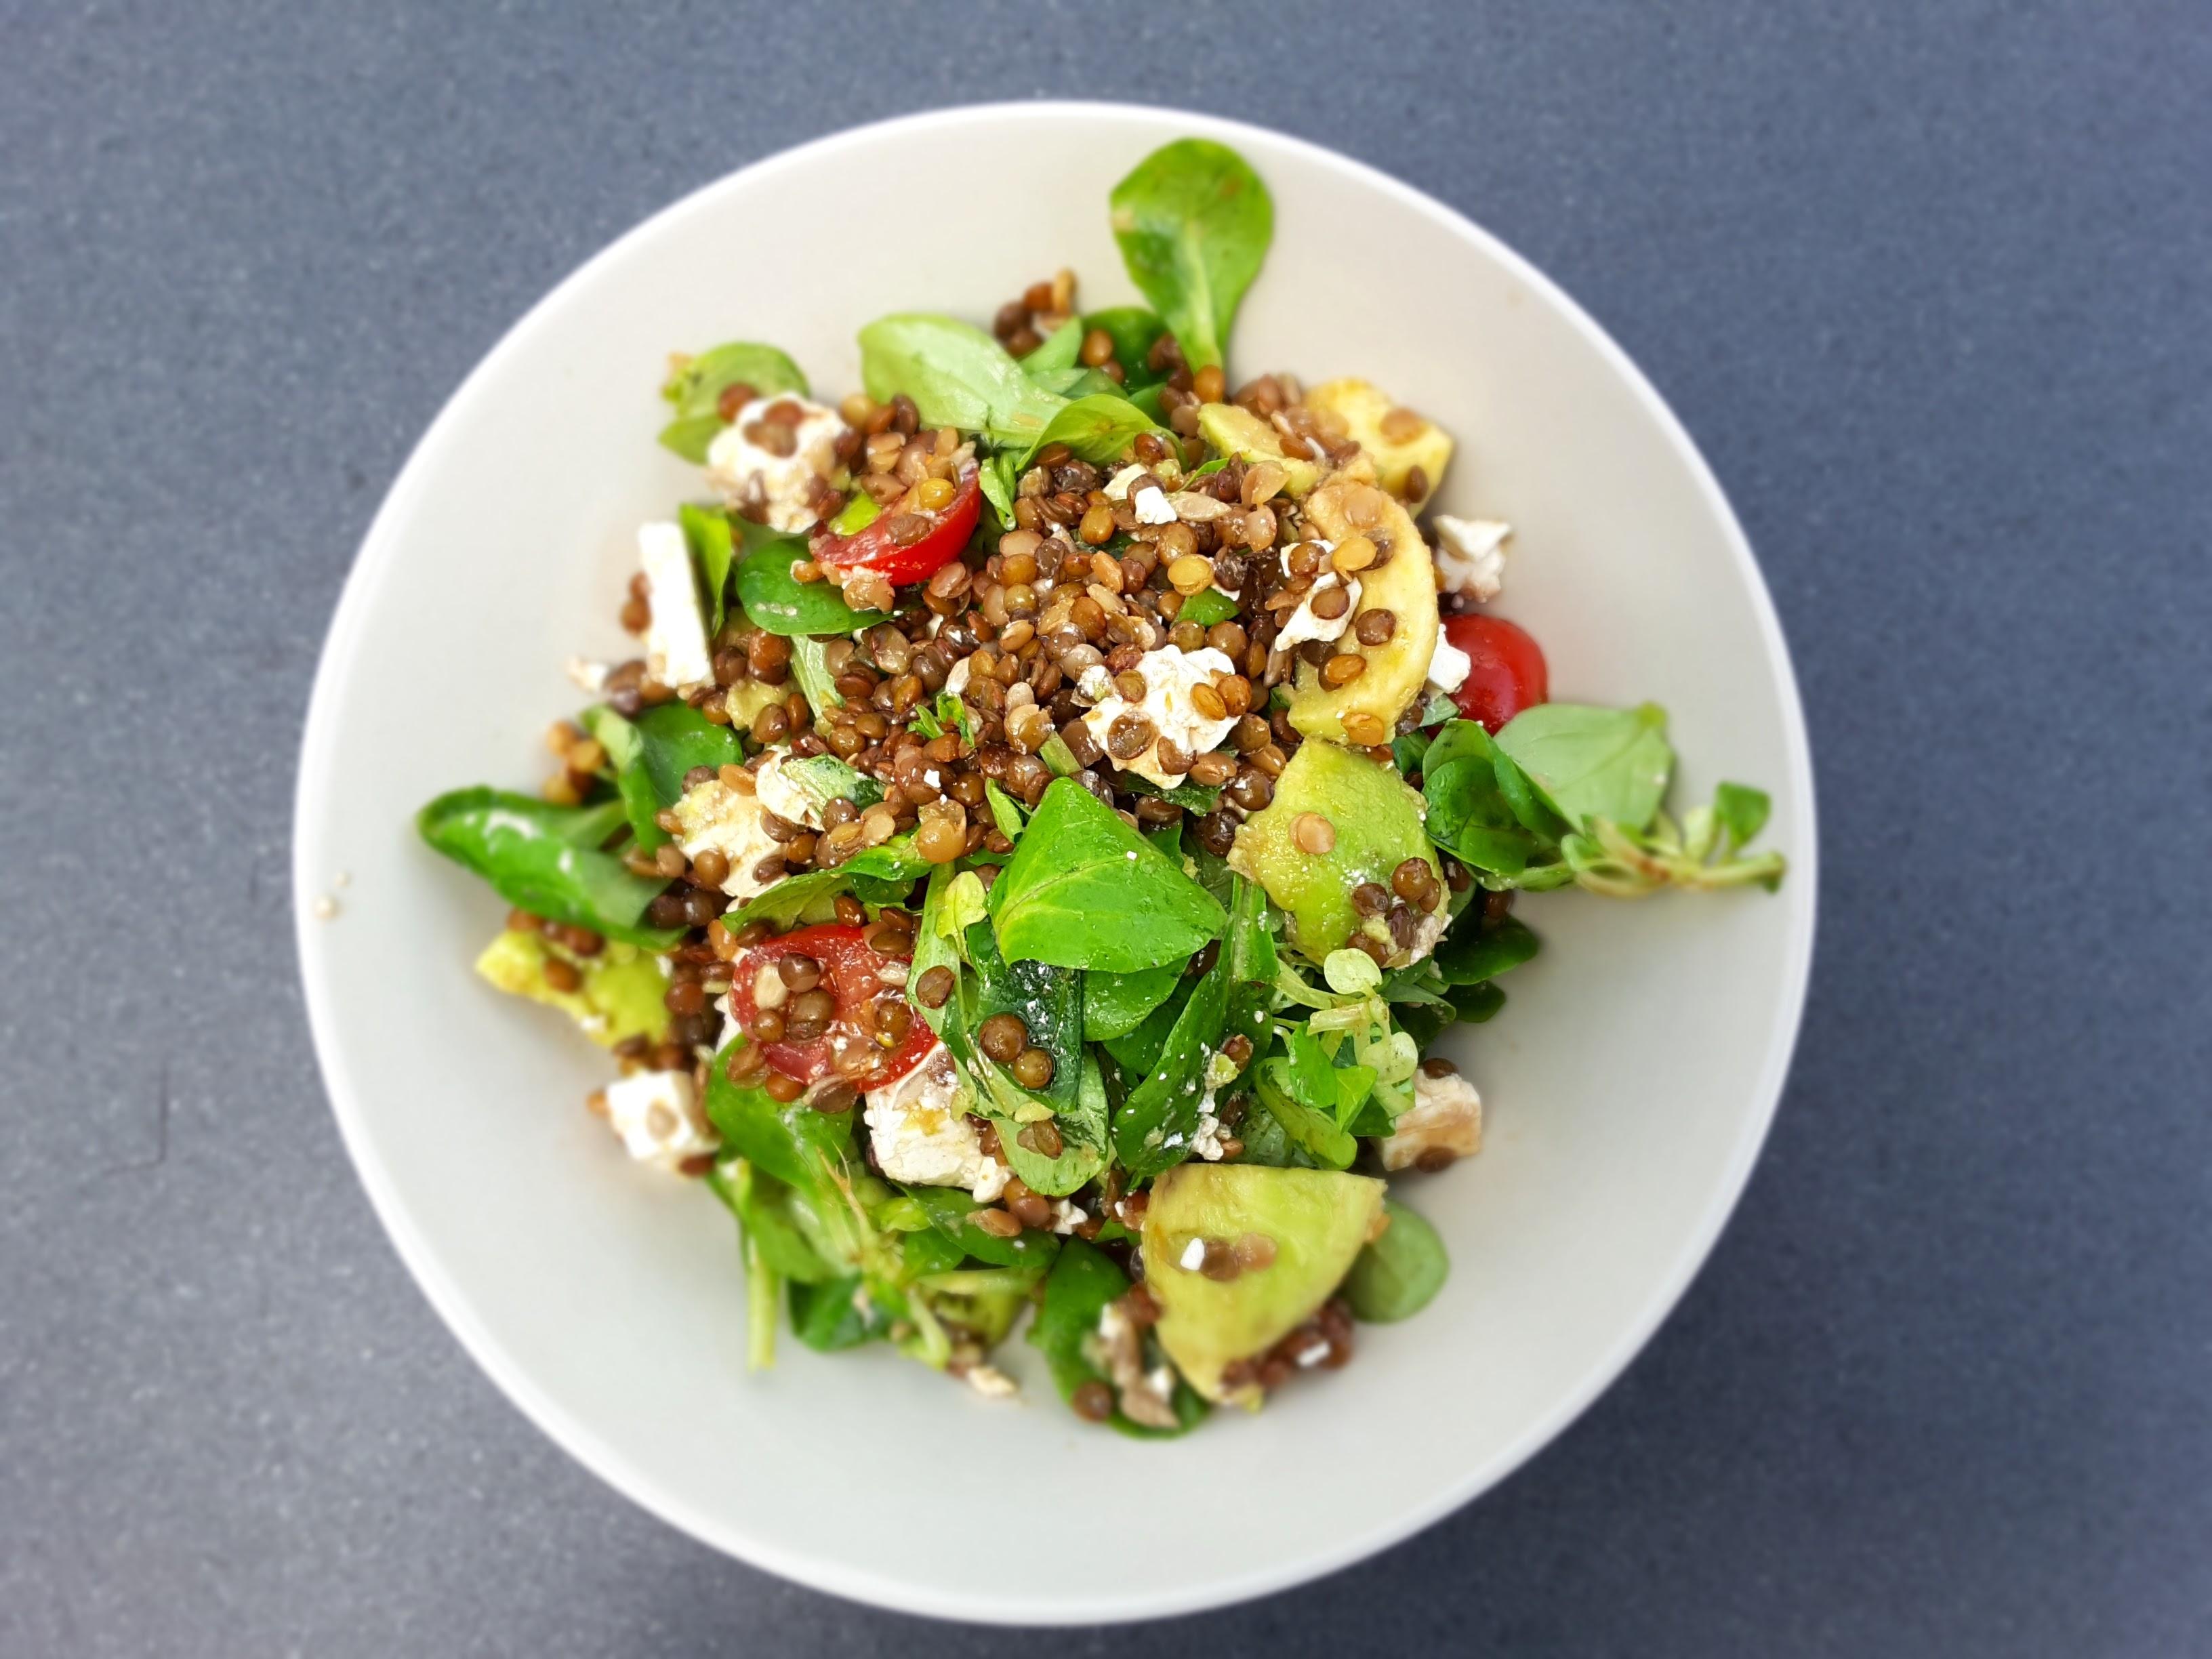 Salade met linzen, avocado en kerstomaten